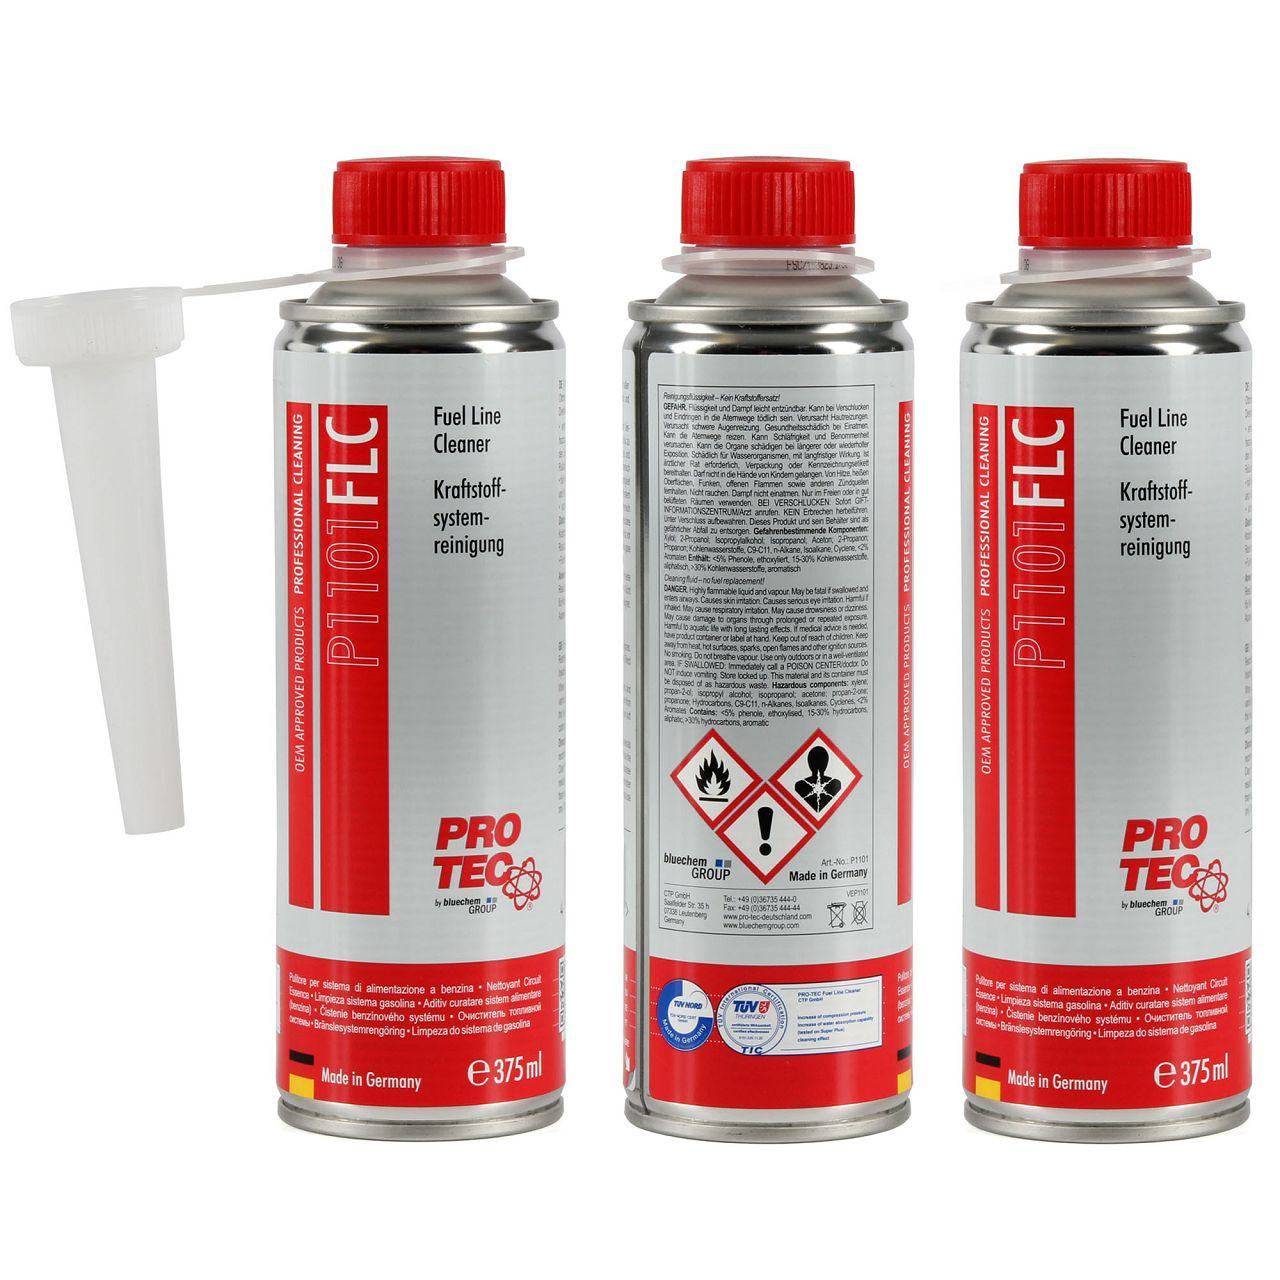 PROTEC P1101 FLC Fuel Line Cleaner Kraftstoffsystemreinigung Benzin 1,125L